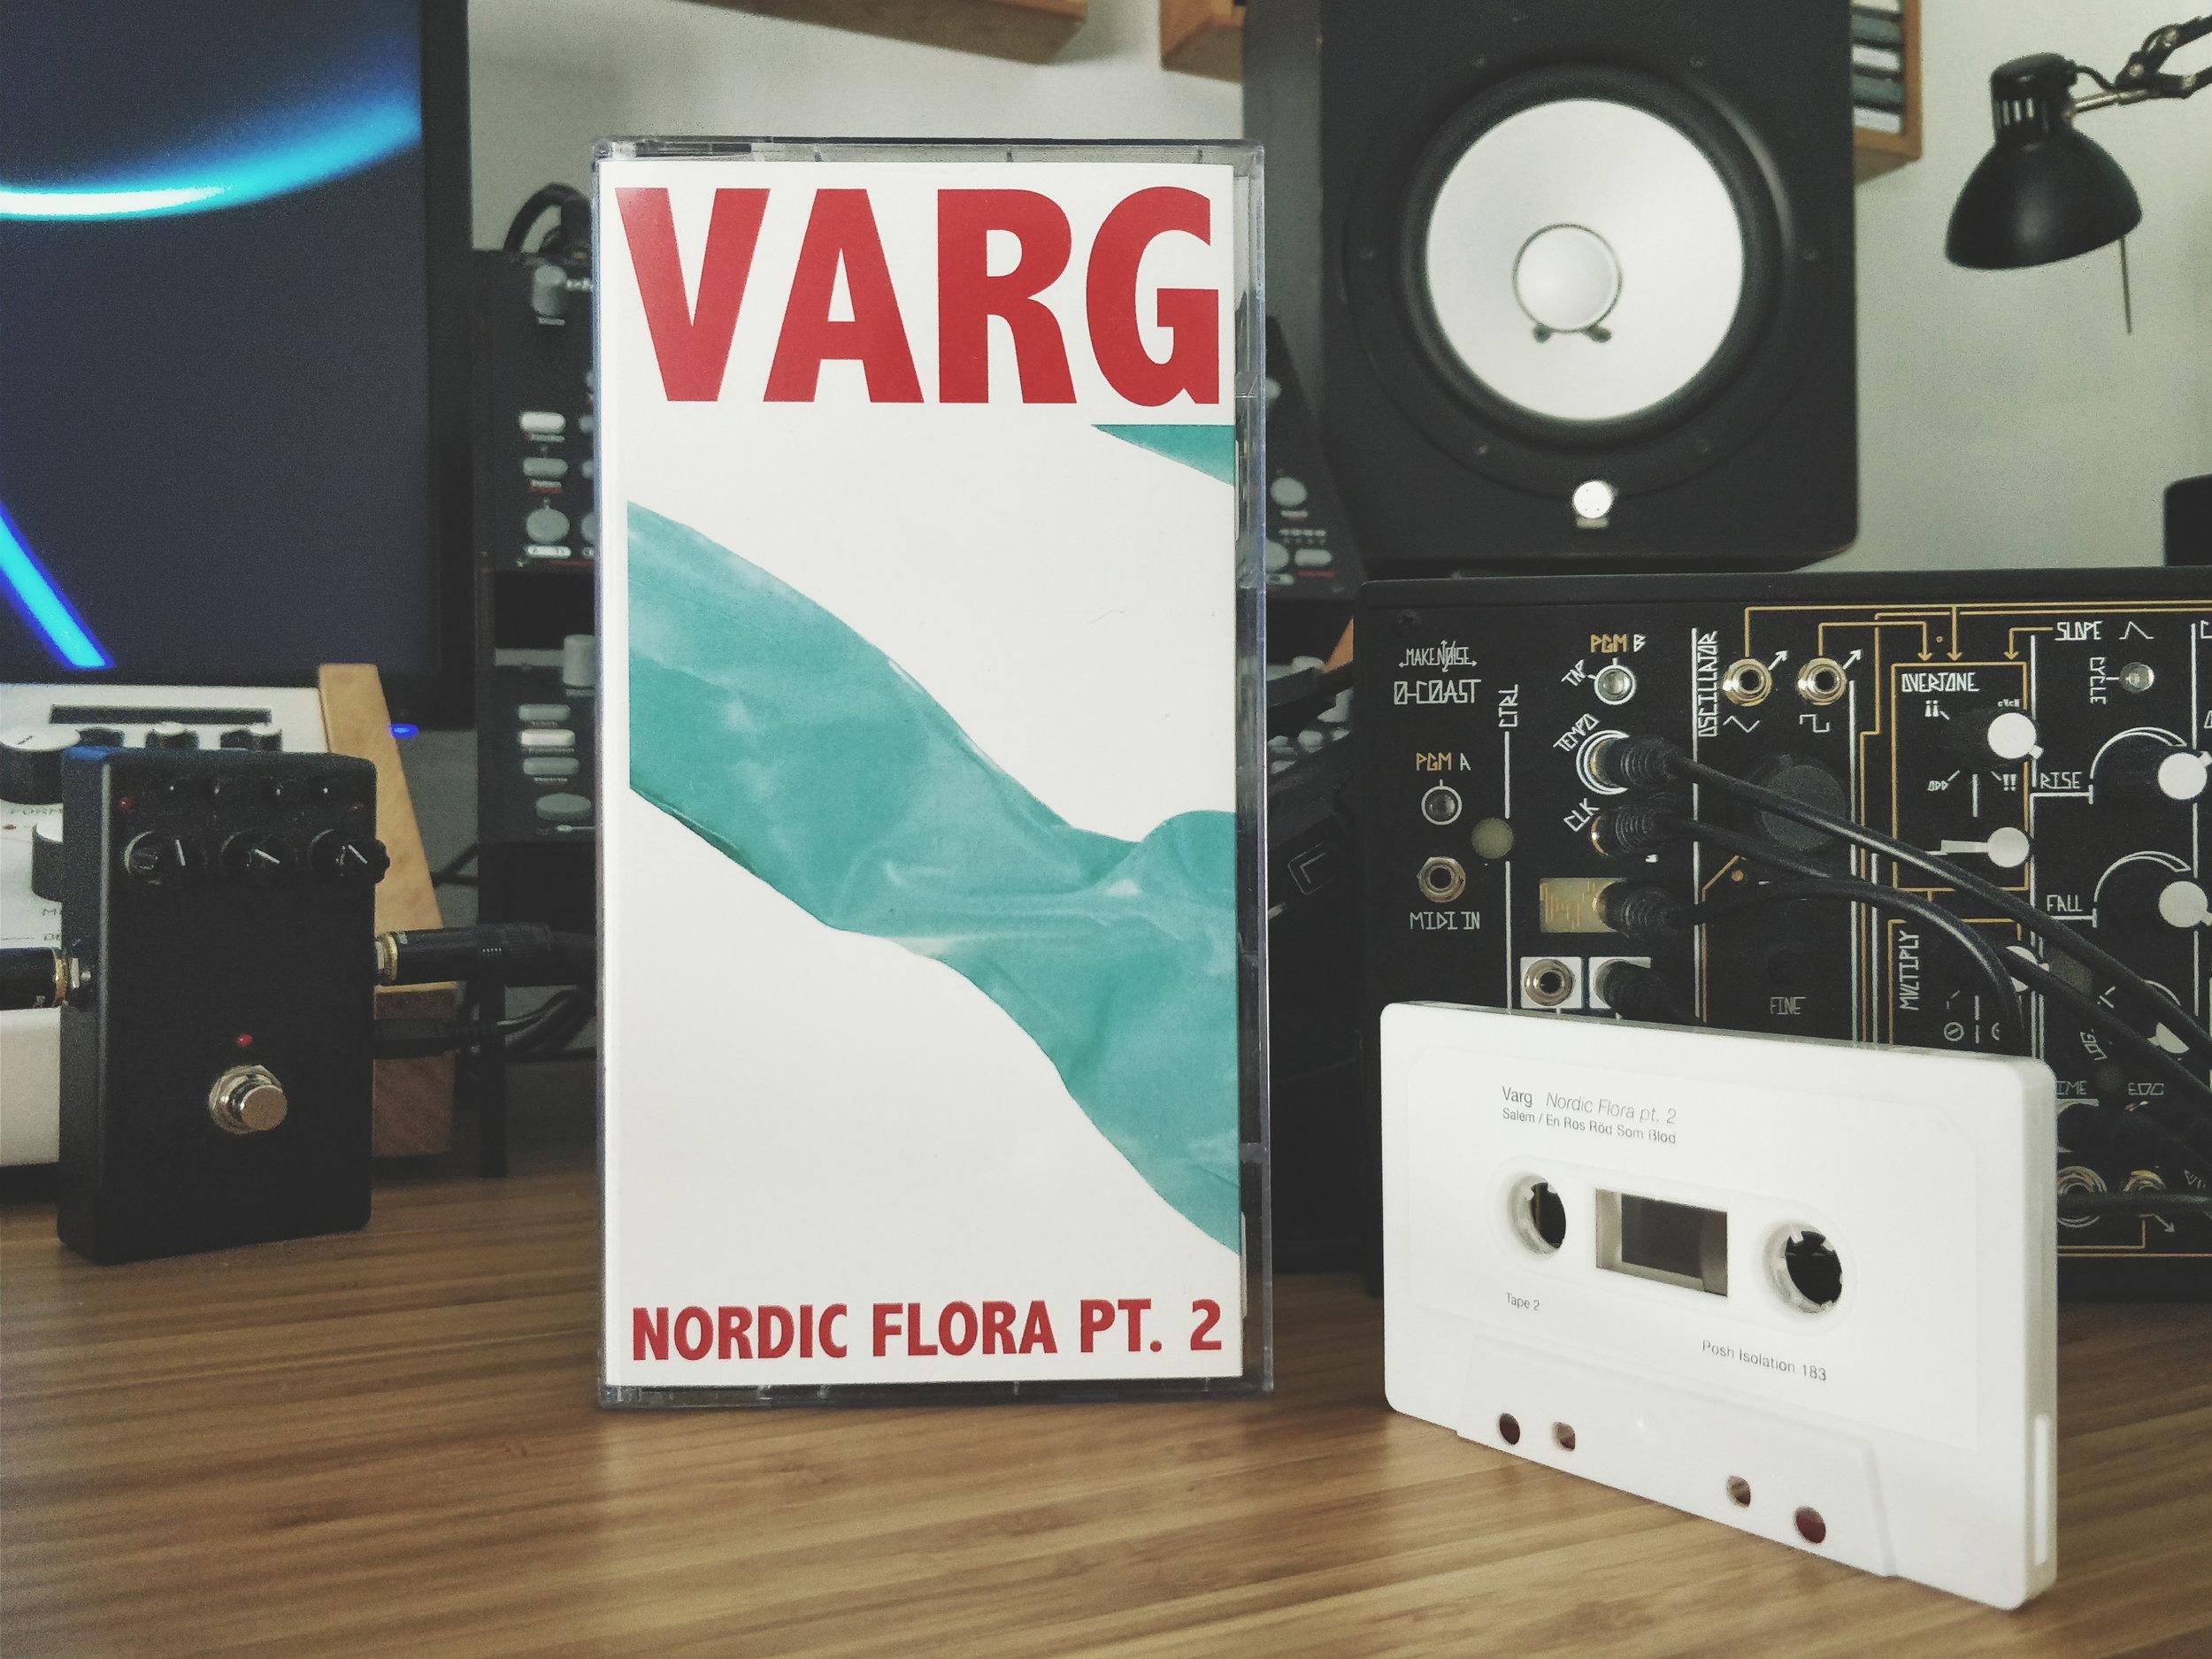 Varg - Nordic FLora Pt. 2, En Ros Röd Som Blod (Posh Isolation)